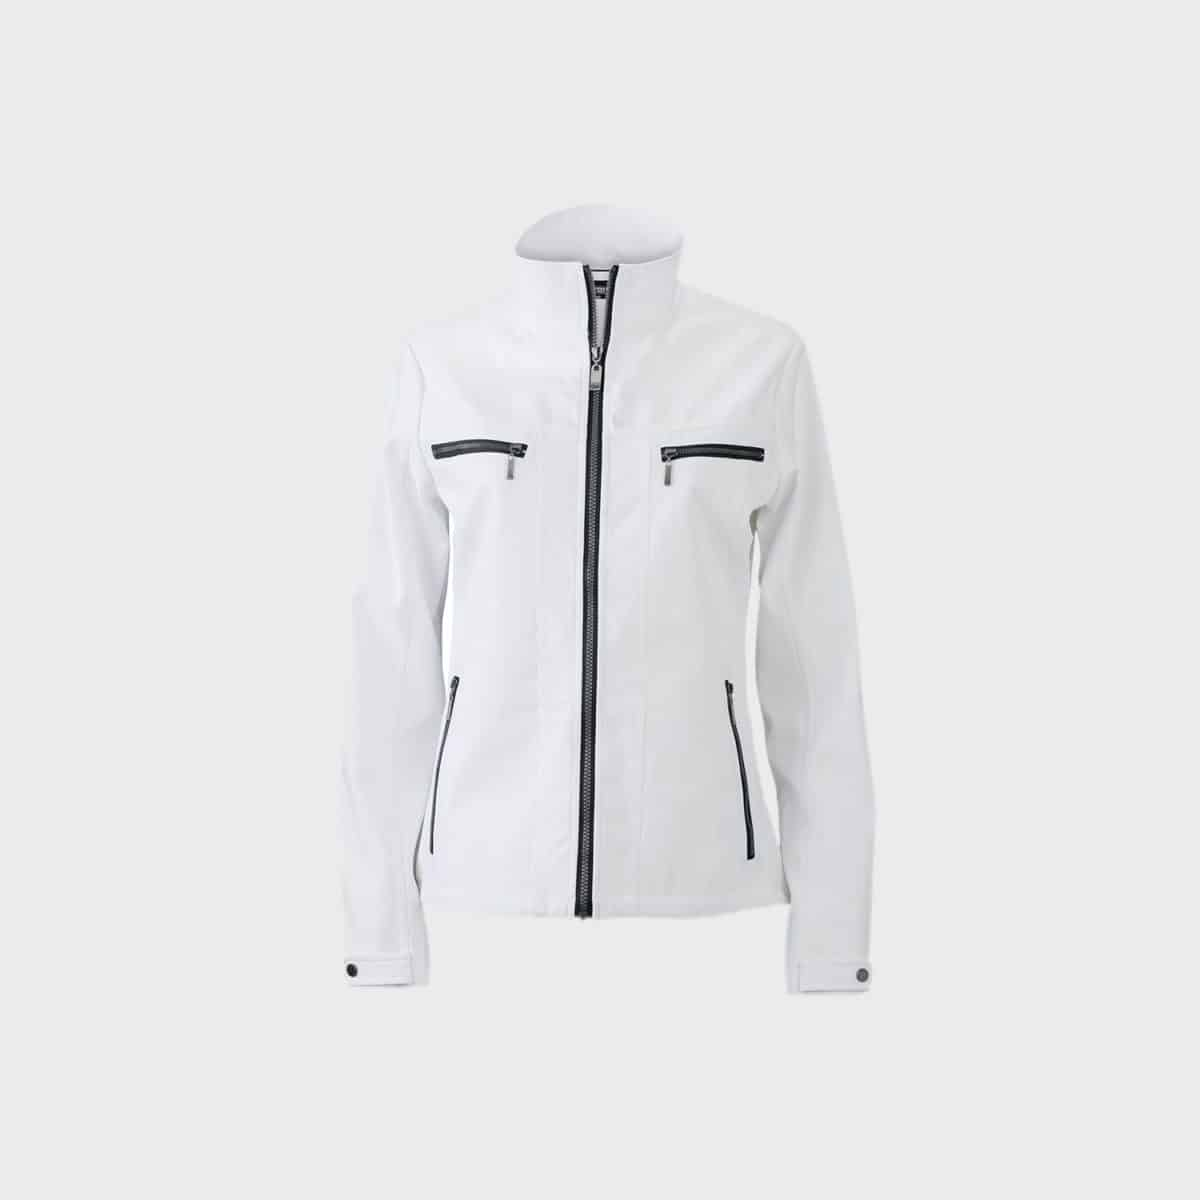 softshell-jacke-damen-tailored-white-kaufen-besticken_stickmanufaktur